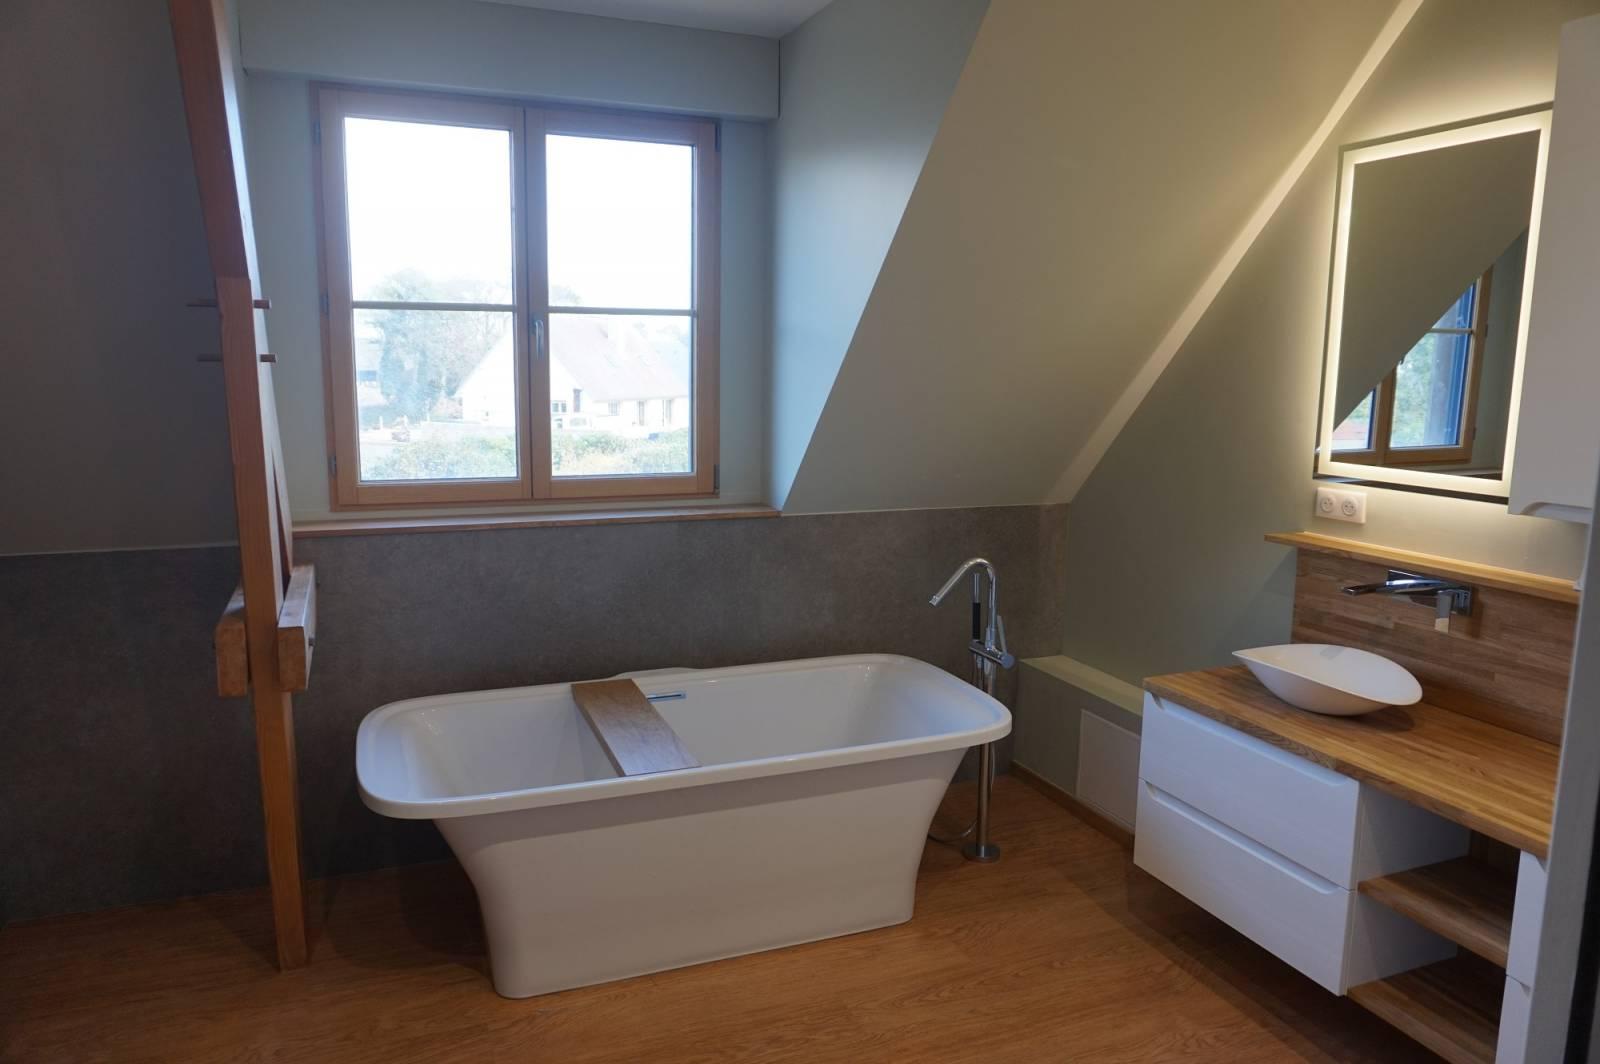 vente de fourniture et pose d 39 une salle de bain le havre odyss e. Black Bedroom Furniture Sets. Home Design Ideas